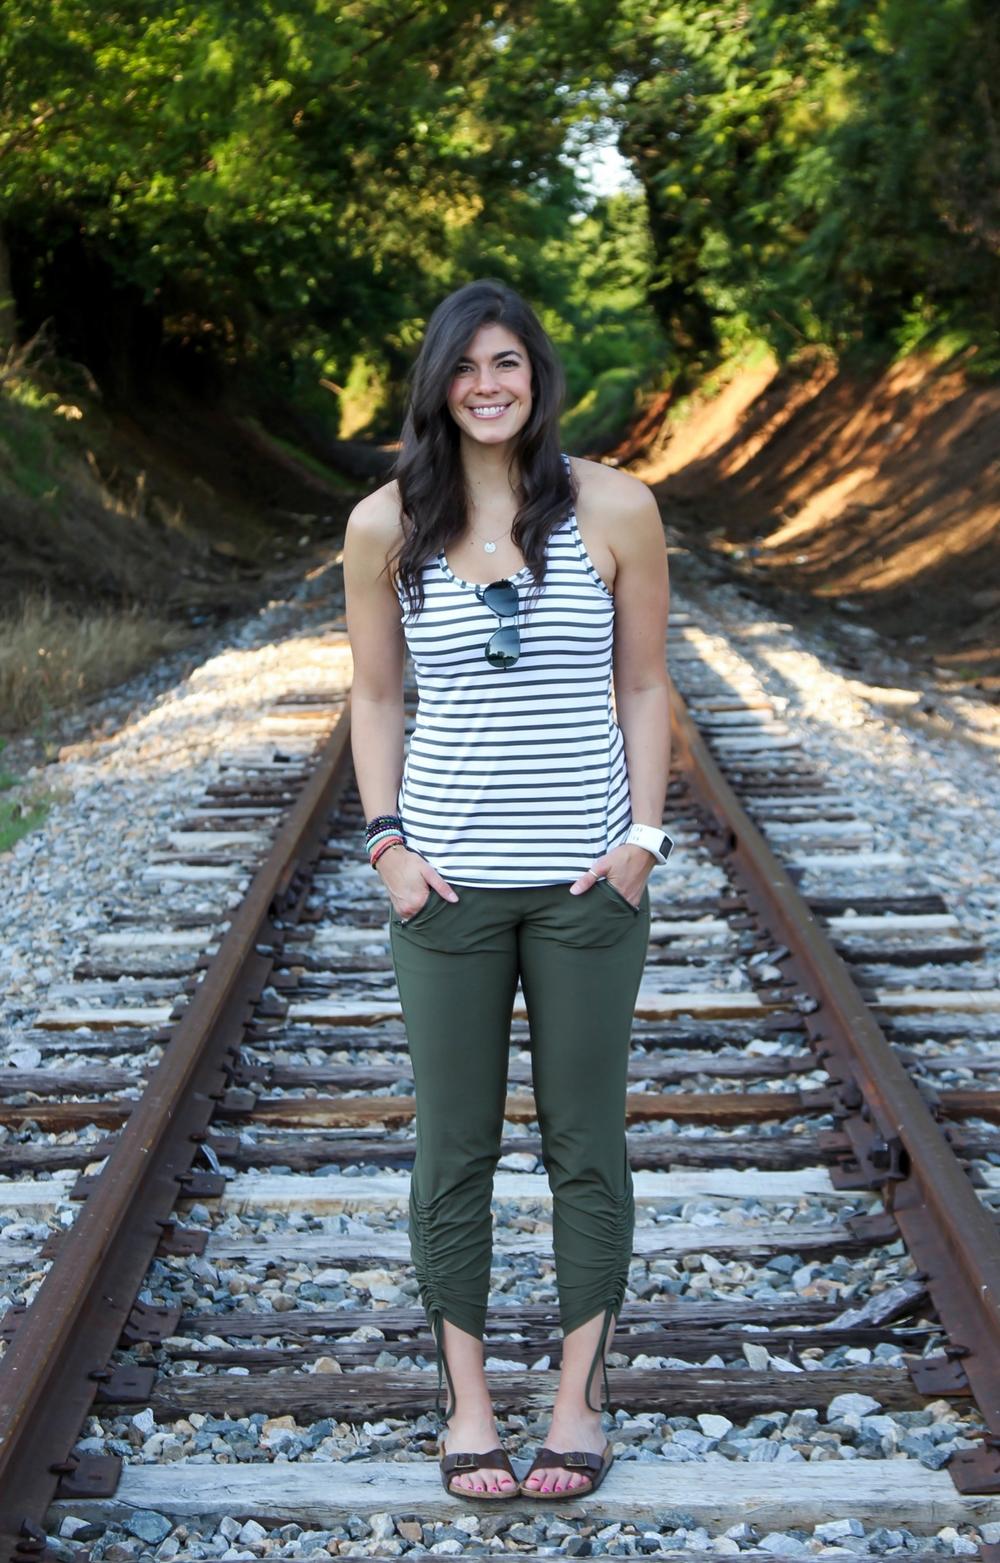 LaurenSchwaiger-Life-Style-Blog-Summer-Casual-Athleta-Athleisure.jpg